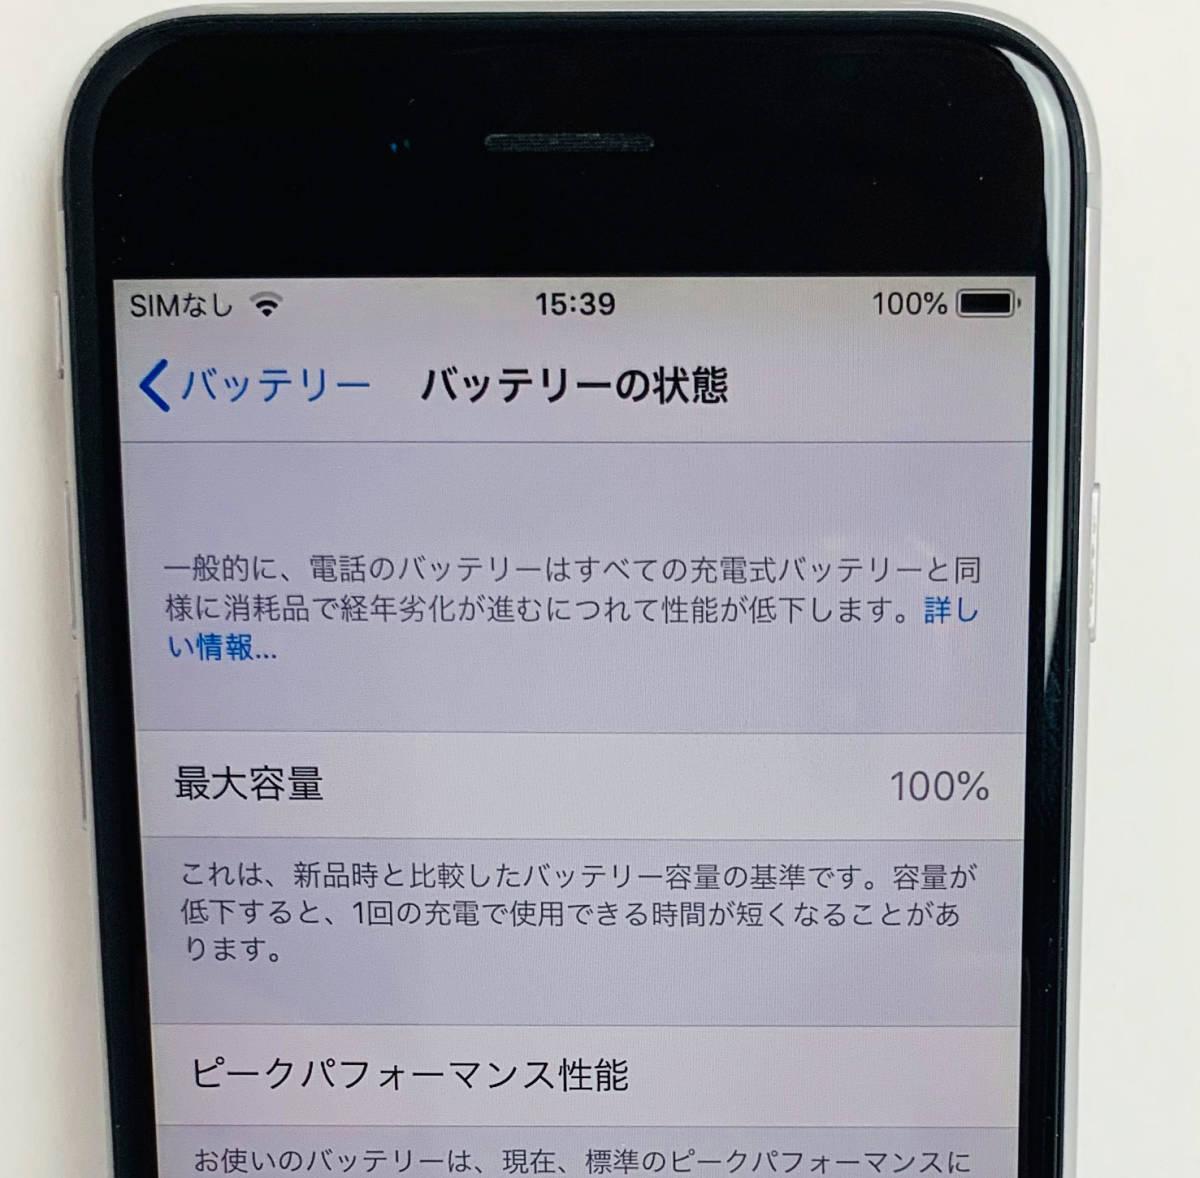 質屋出店 中古品 初期化済み Apple iPhone6 A1586 MG4A2J/A 128GB スペースグレイ ○判定 ジャンク品 1円オークション_画像3